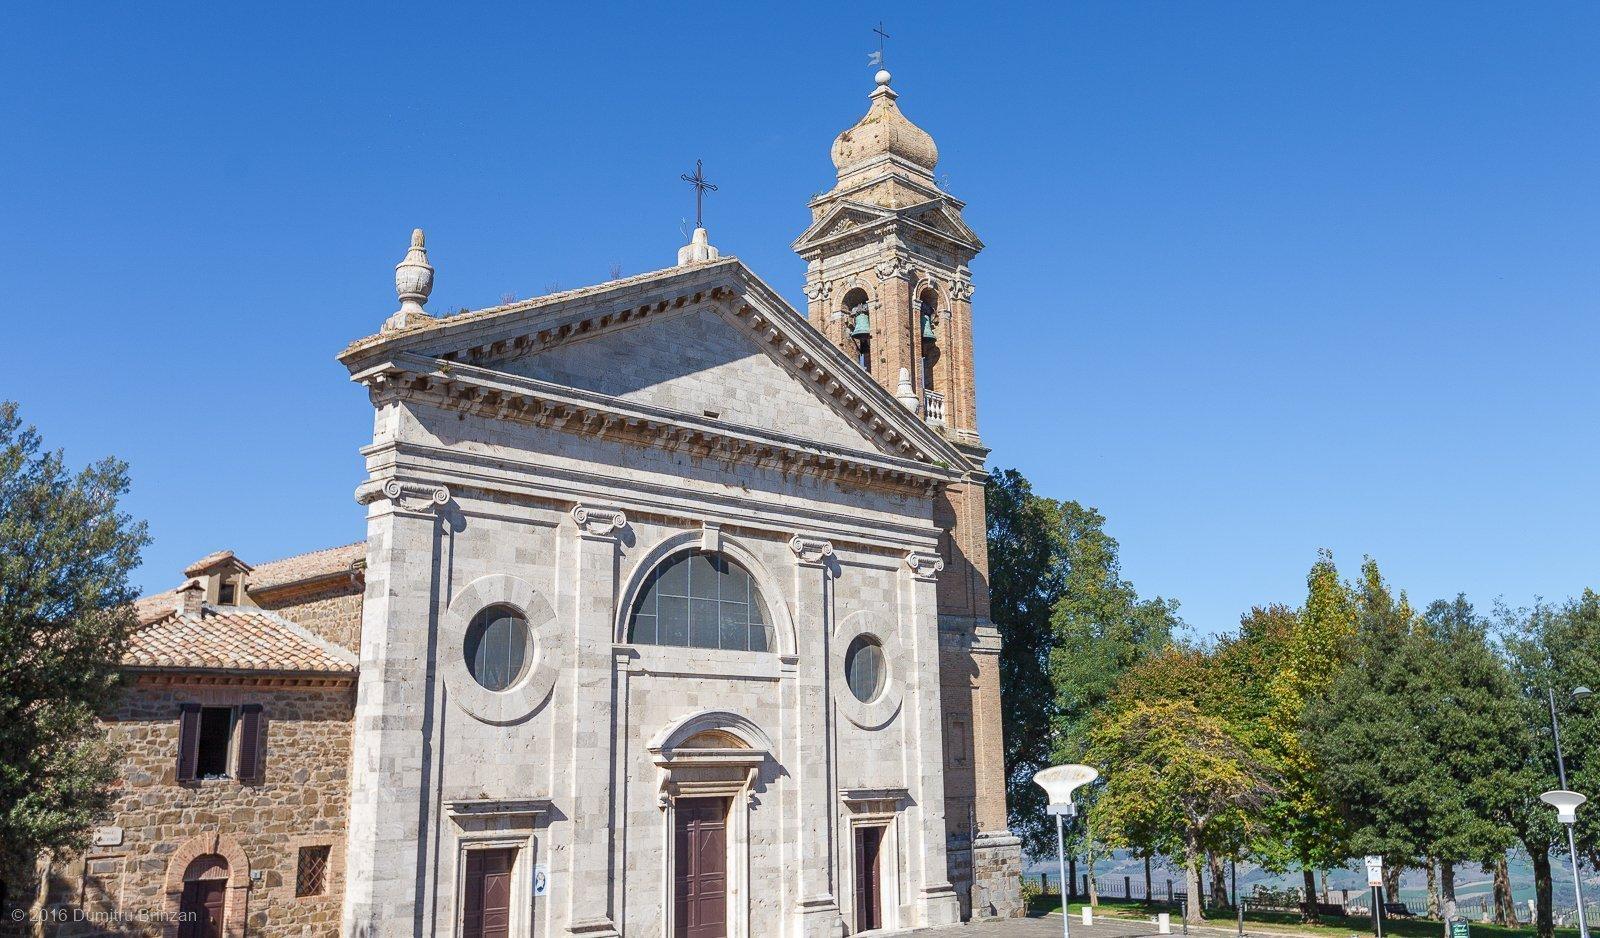 2016-montalcino-tuscany-italy-3-chiesa-della-madonna-del-soccorso